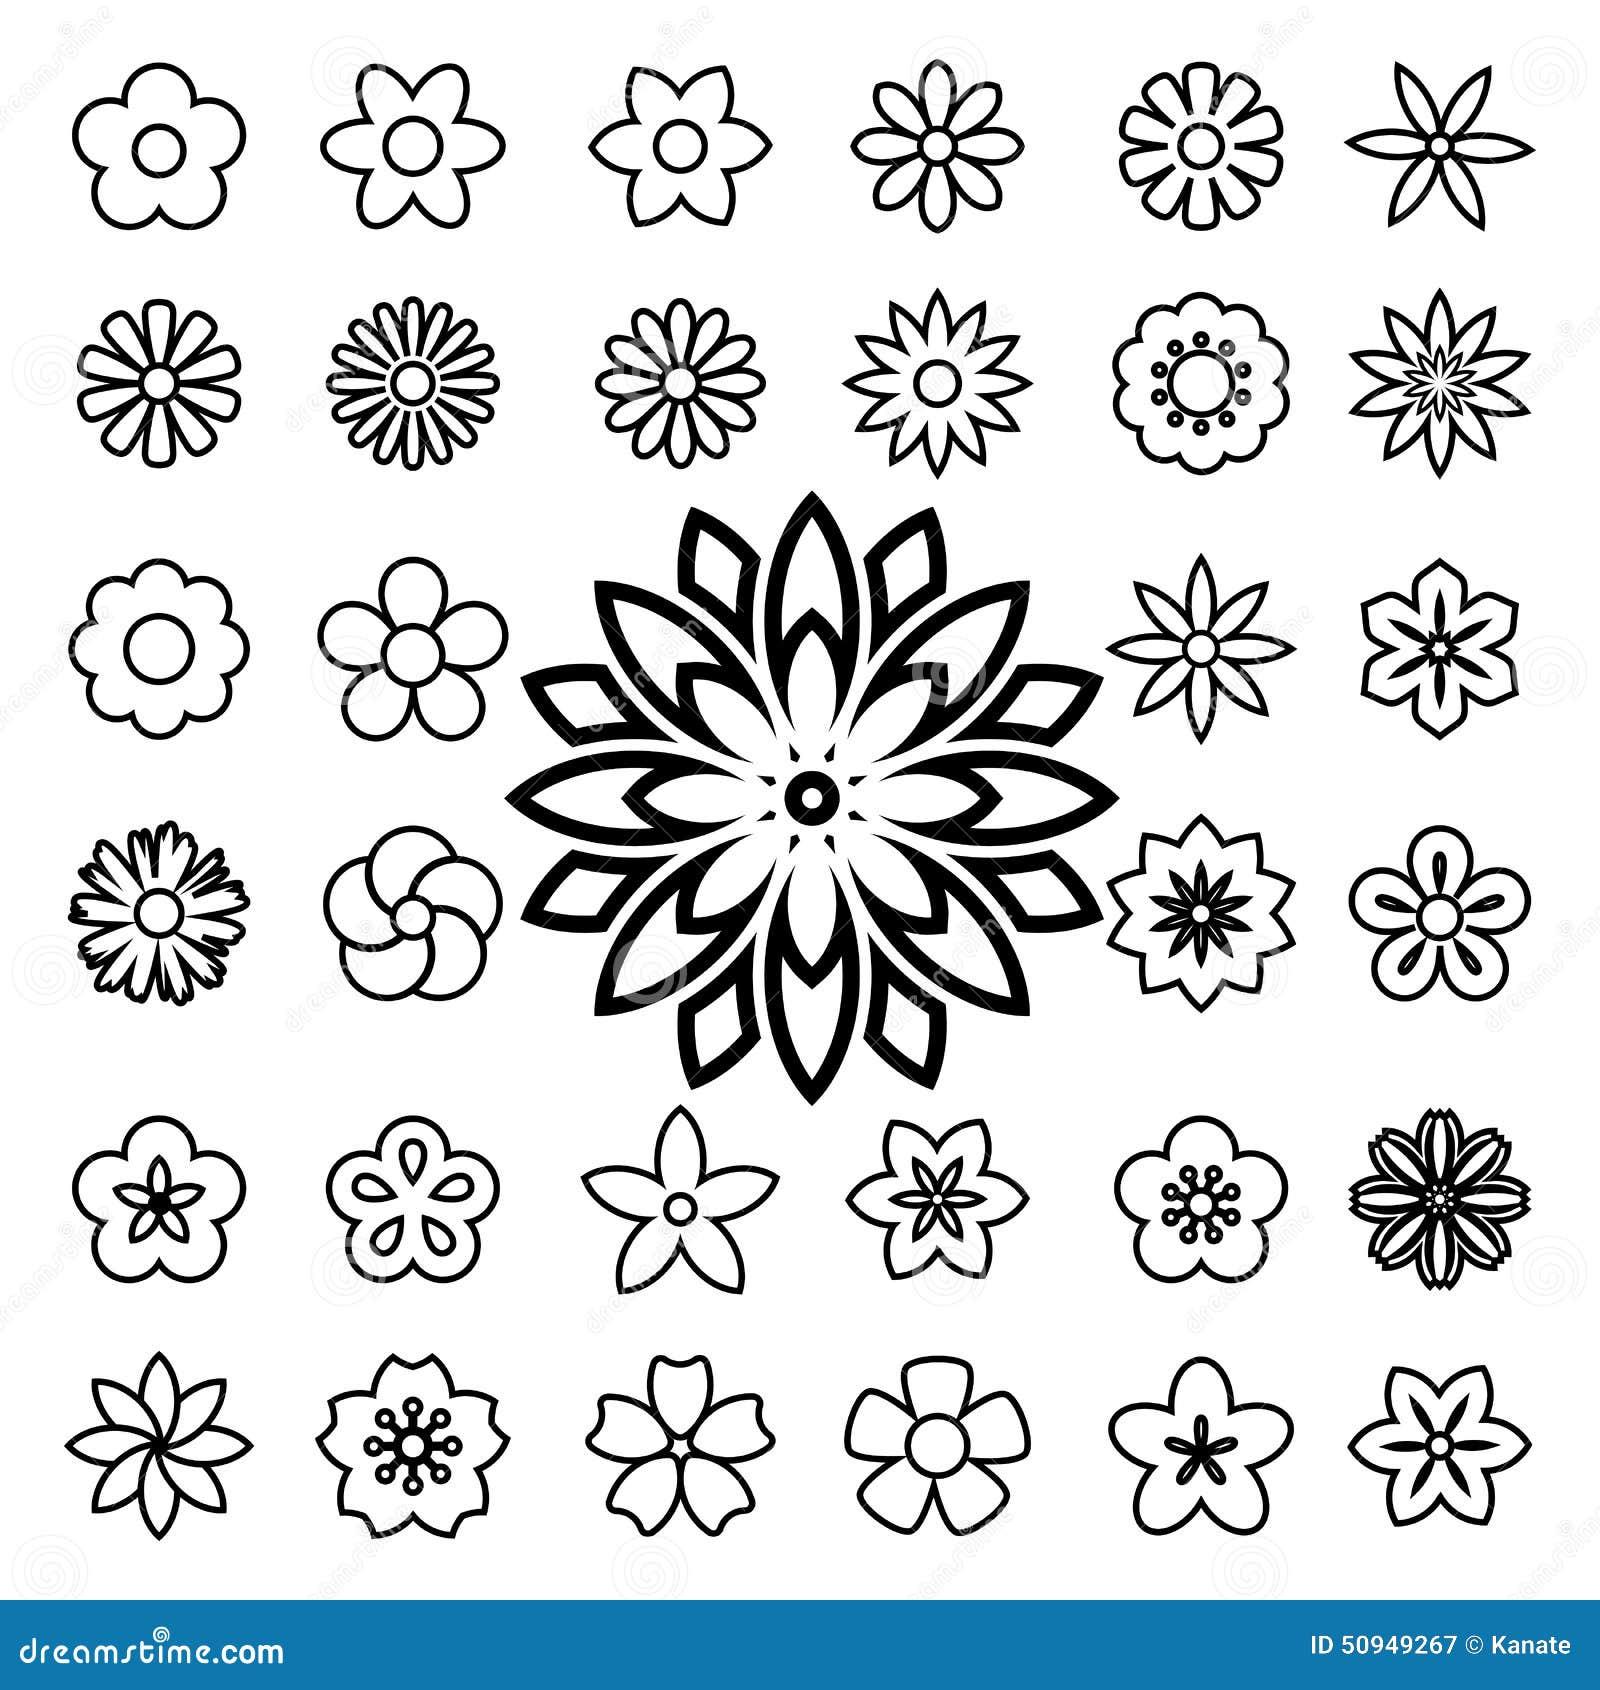 Line Art Flowers Vector : Set of flower line icons stock vector illustration